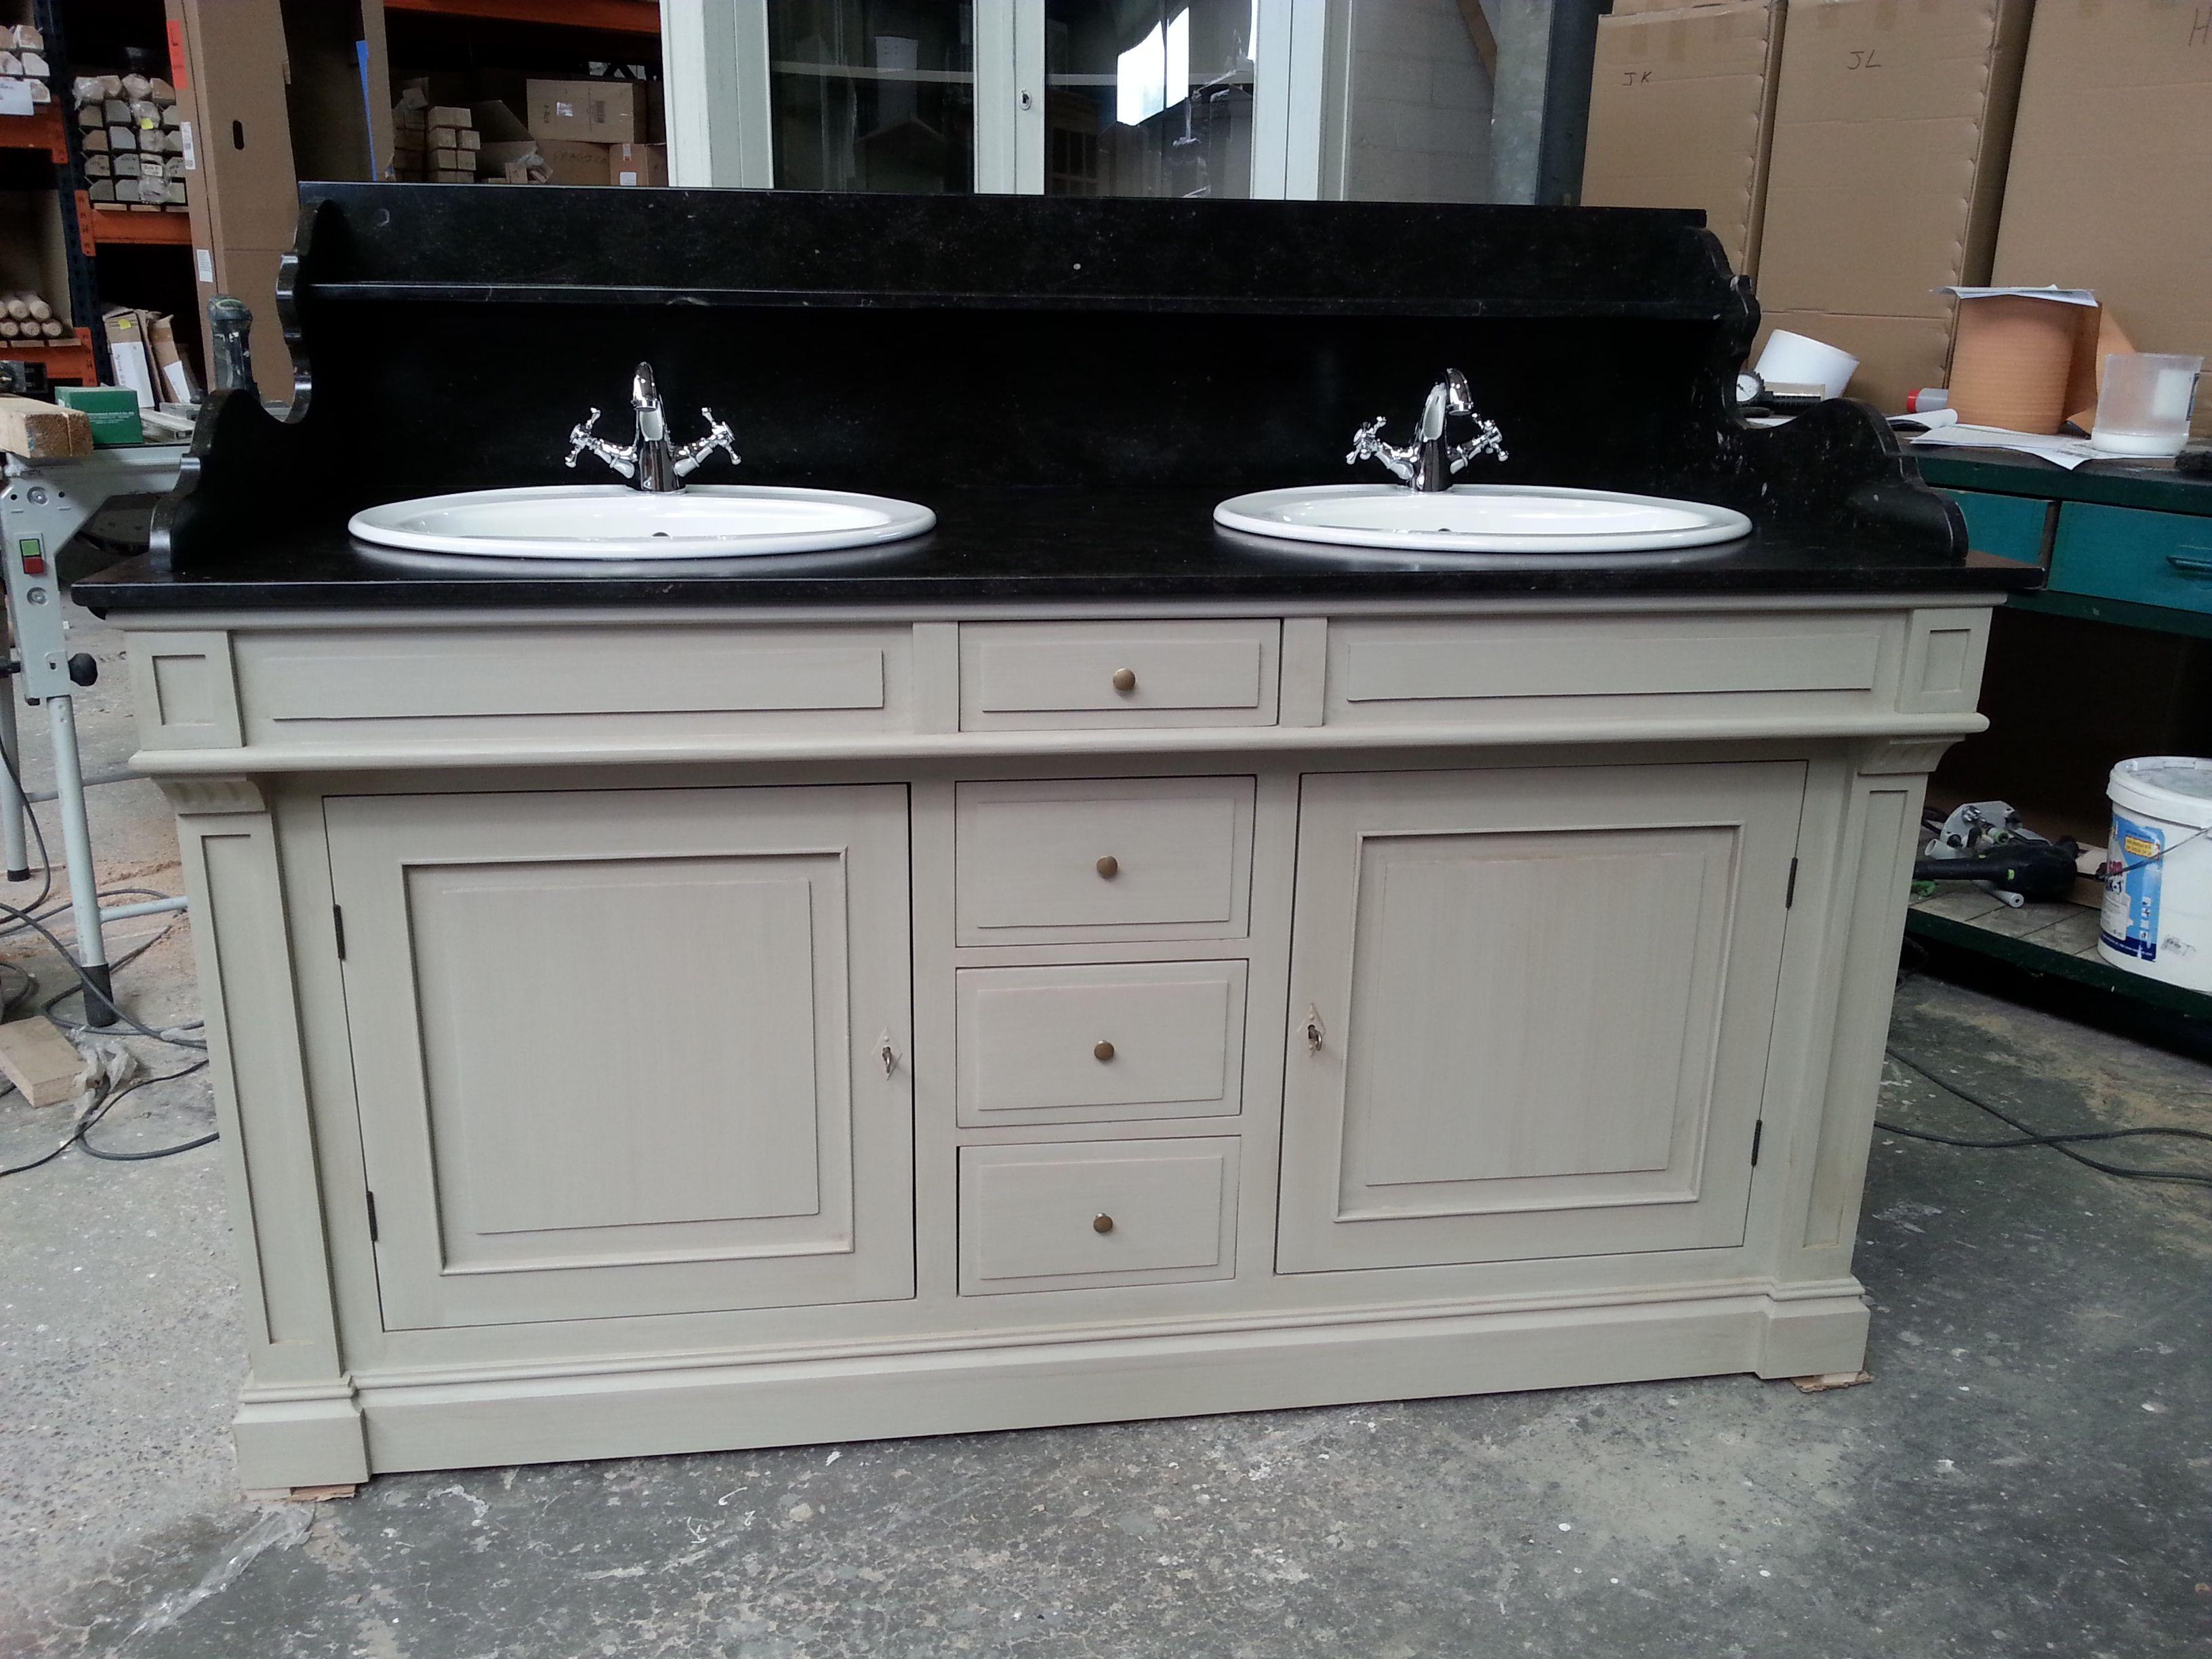 meuble lavabo double vasque en pin patiné, plateau réalisé sur